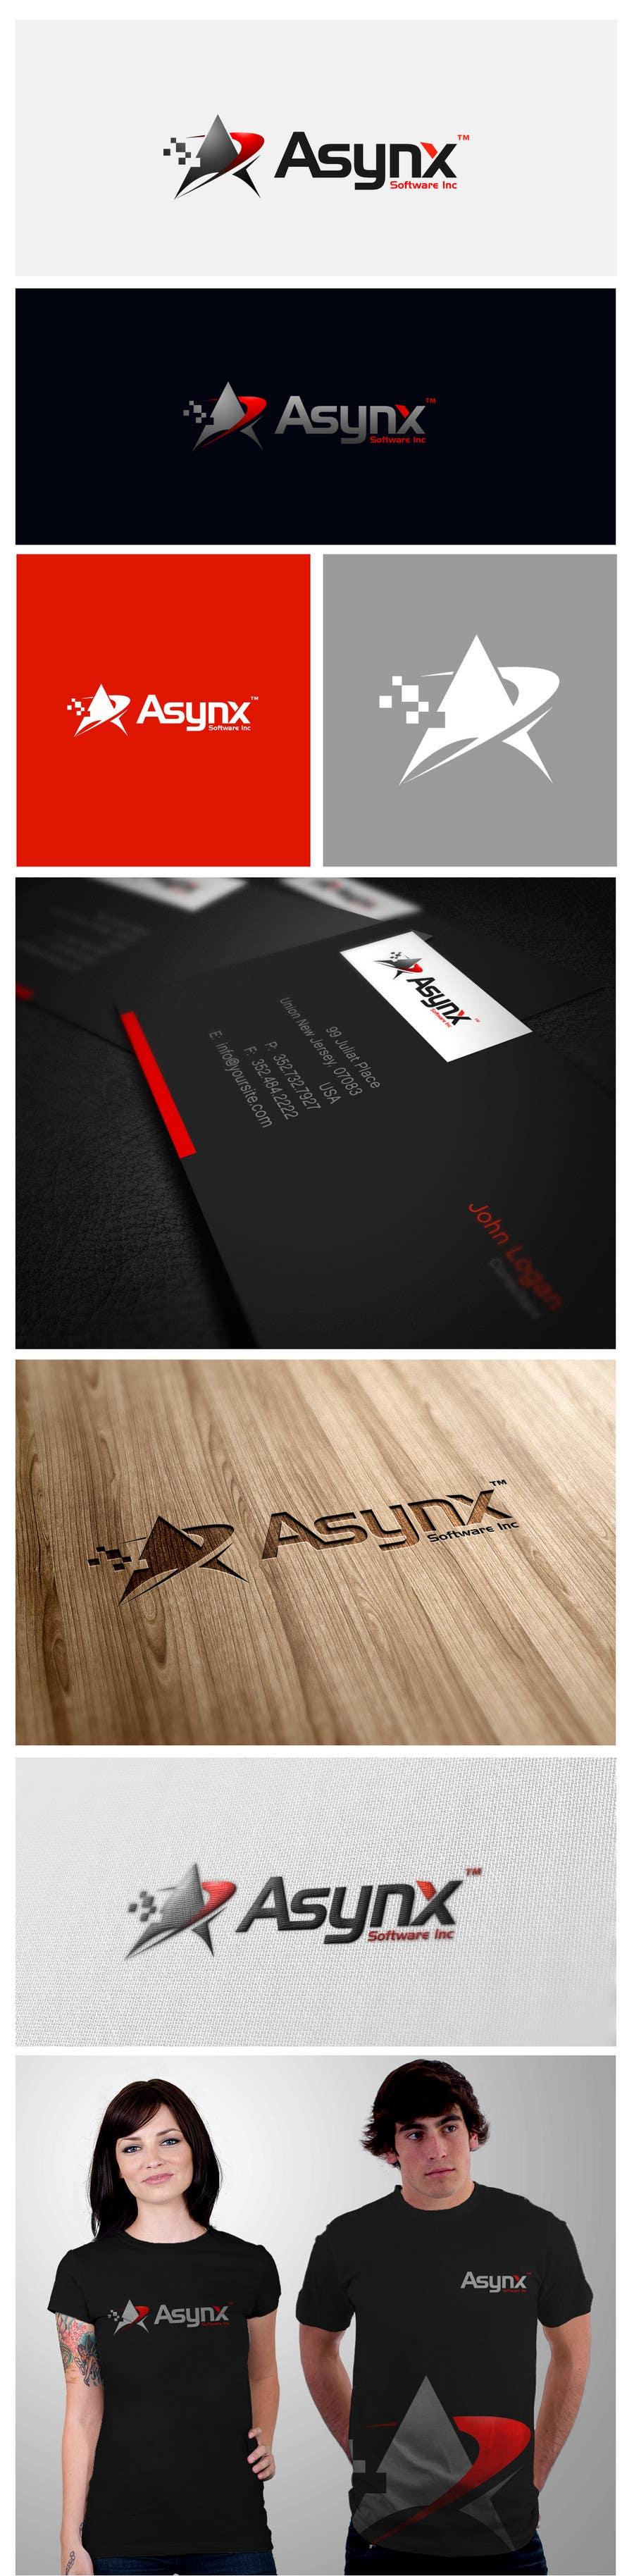 Inscrição nº                                         70                                      do Concurso para                                         Logo Design for Asynx Software Inc